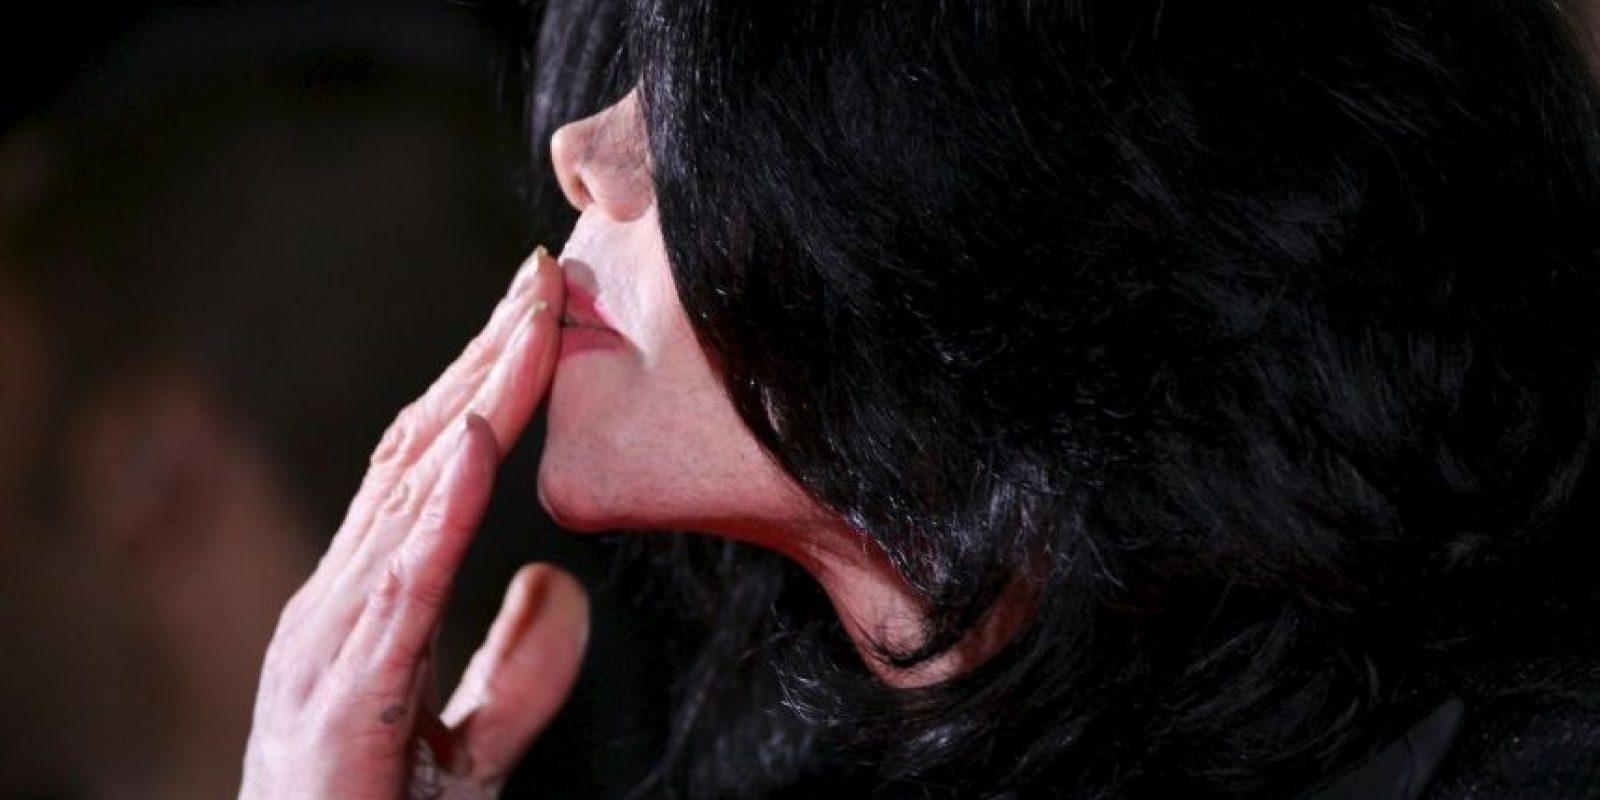 Los escándalos sexuales empañaron la carrera de Jackson en vida y aún después de morir Foto:Getty Images